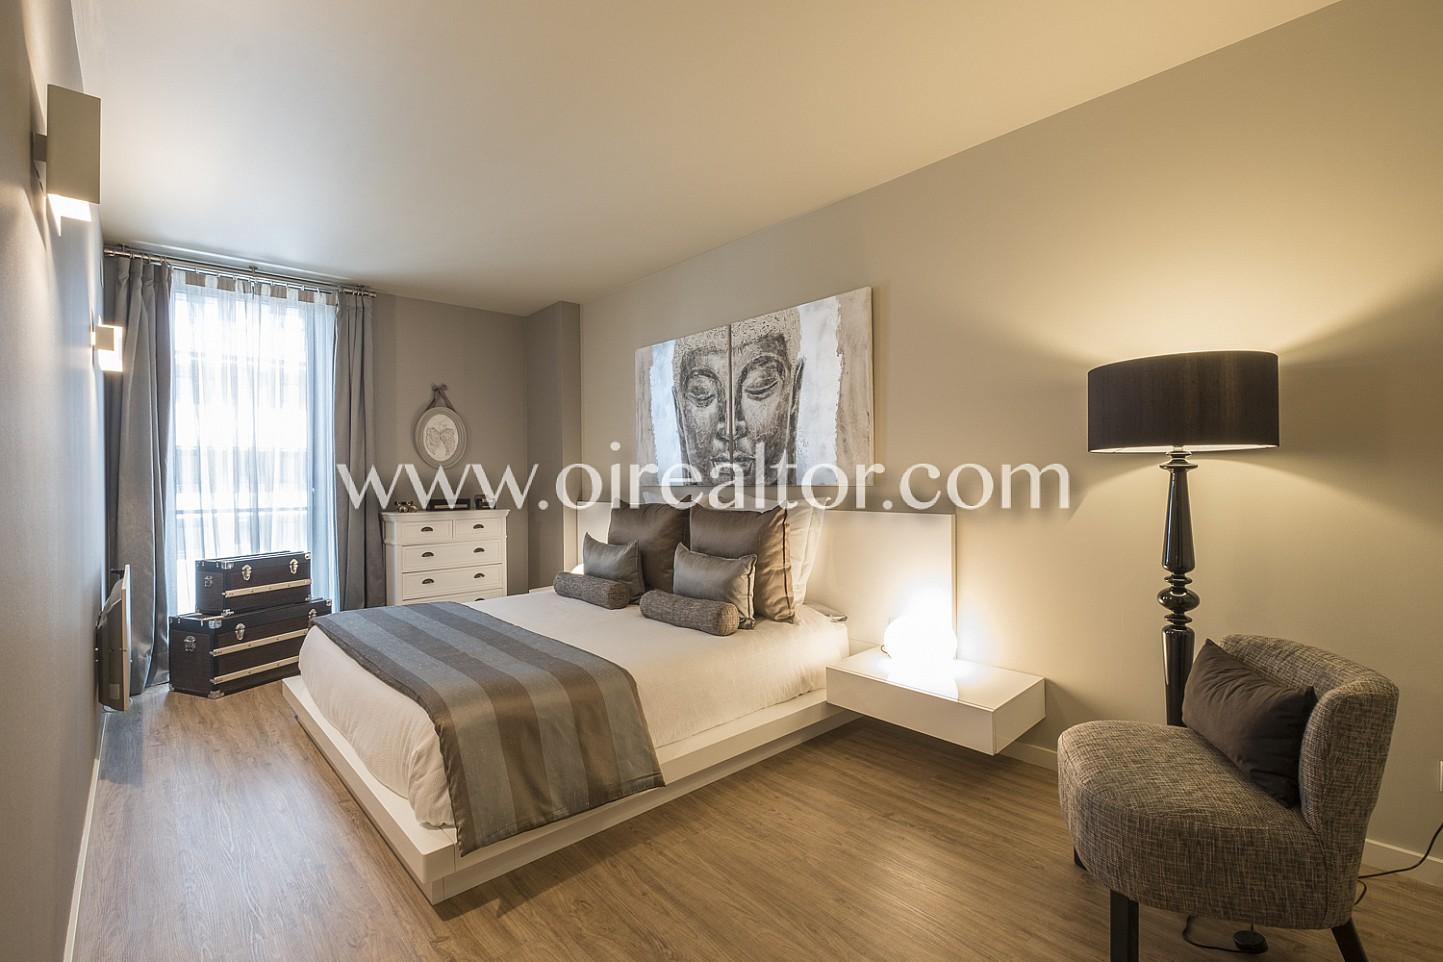 Dormitorio doble, dormitorio, habitación doble, habitación luminosa, luminoso, luz, cama doble